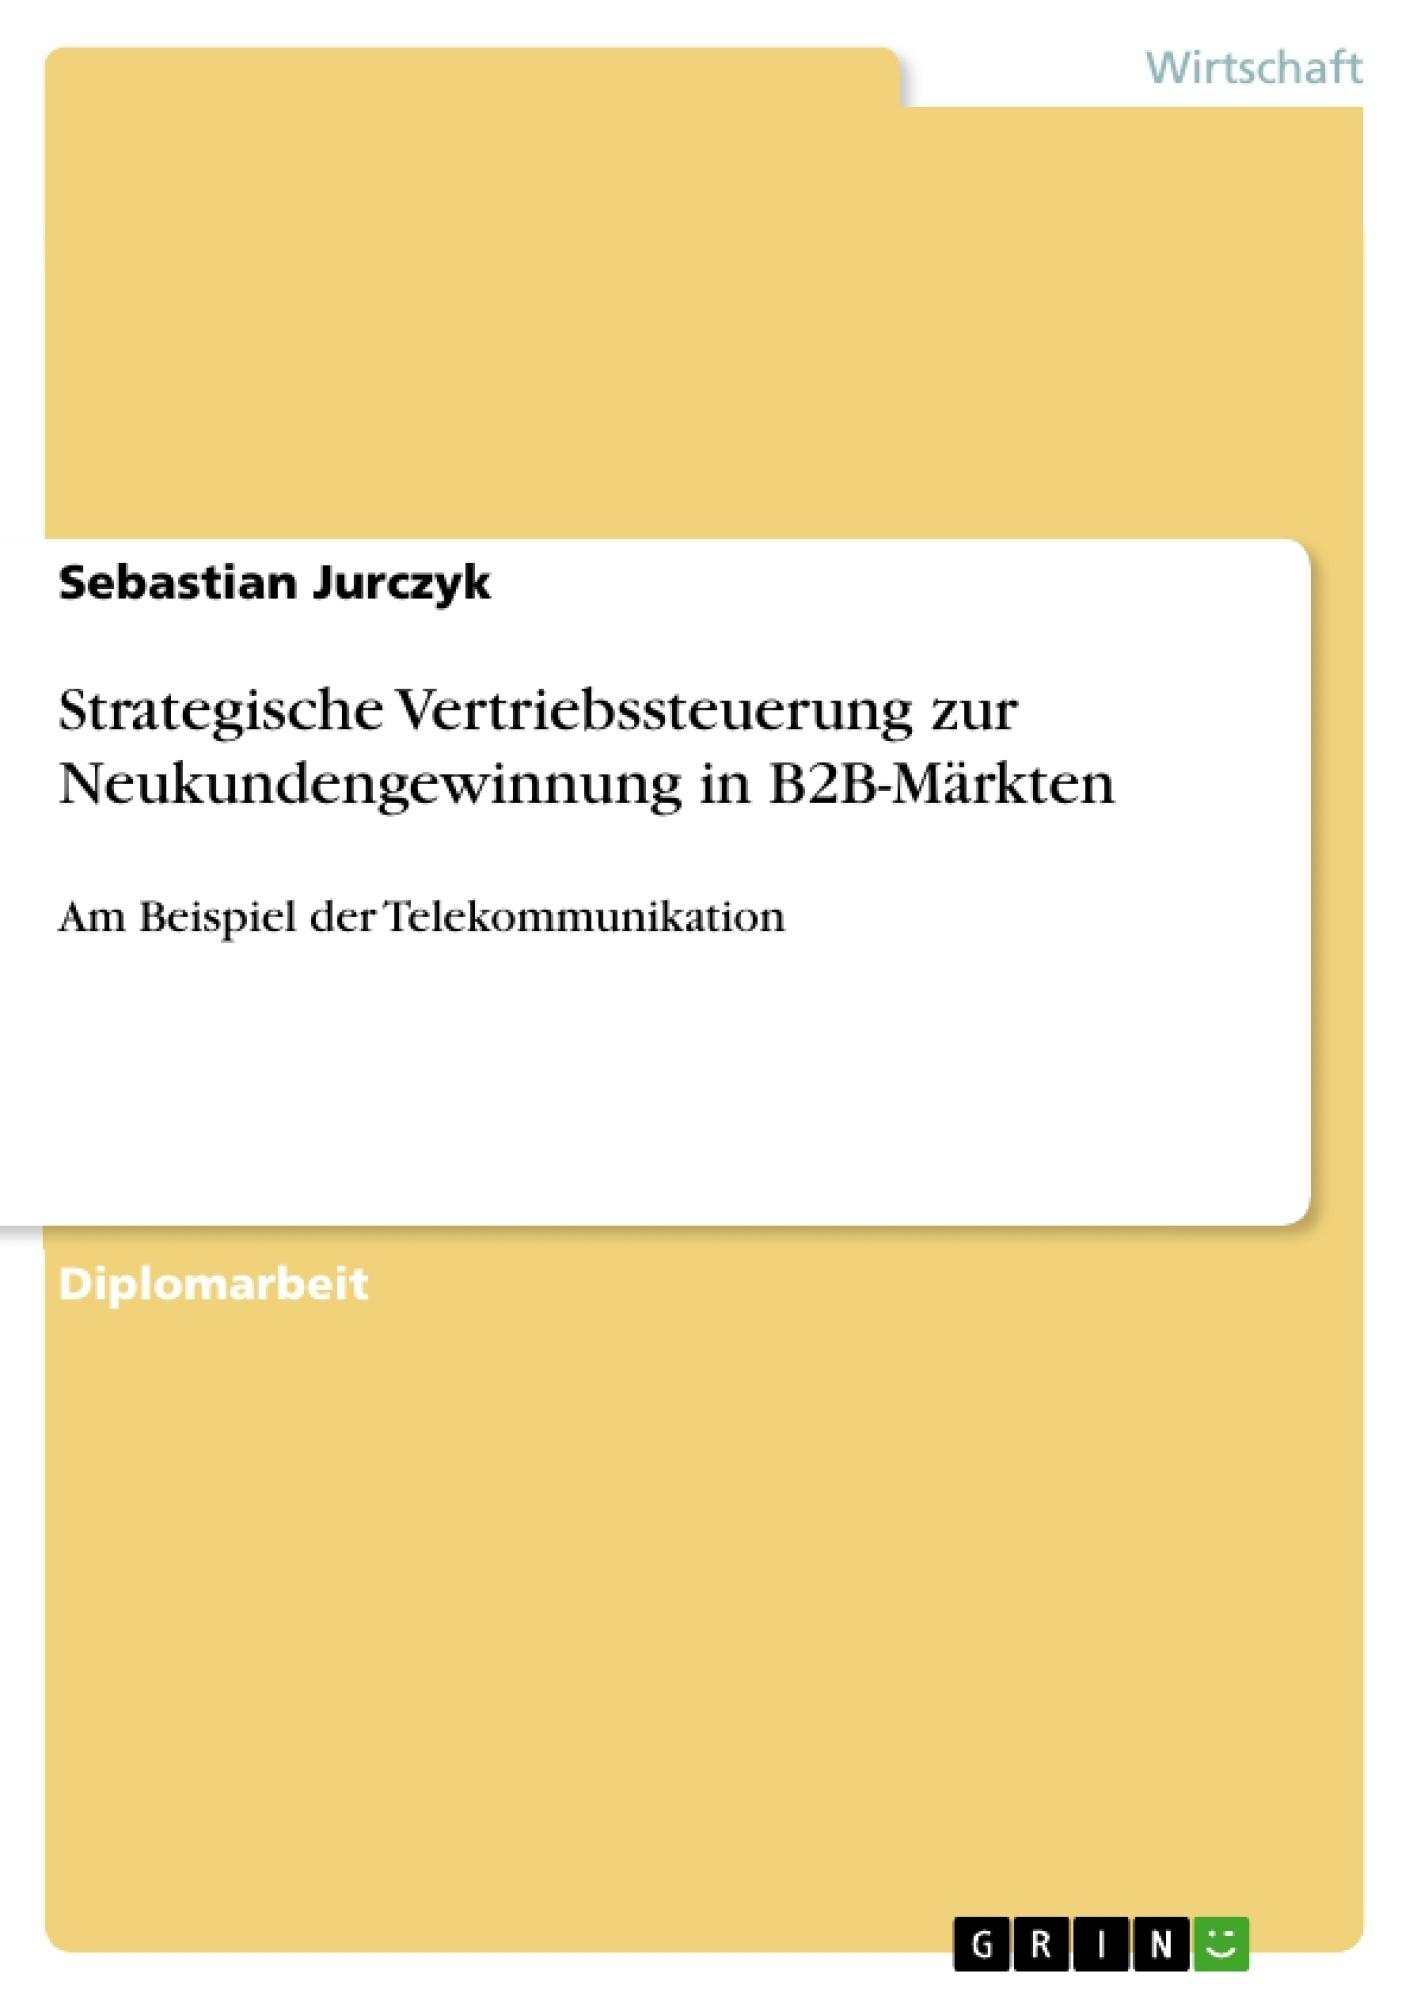 Titel: Strategische Vertriebssteuerung zur Neukundengewinnung in B2B-Märkten